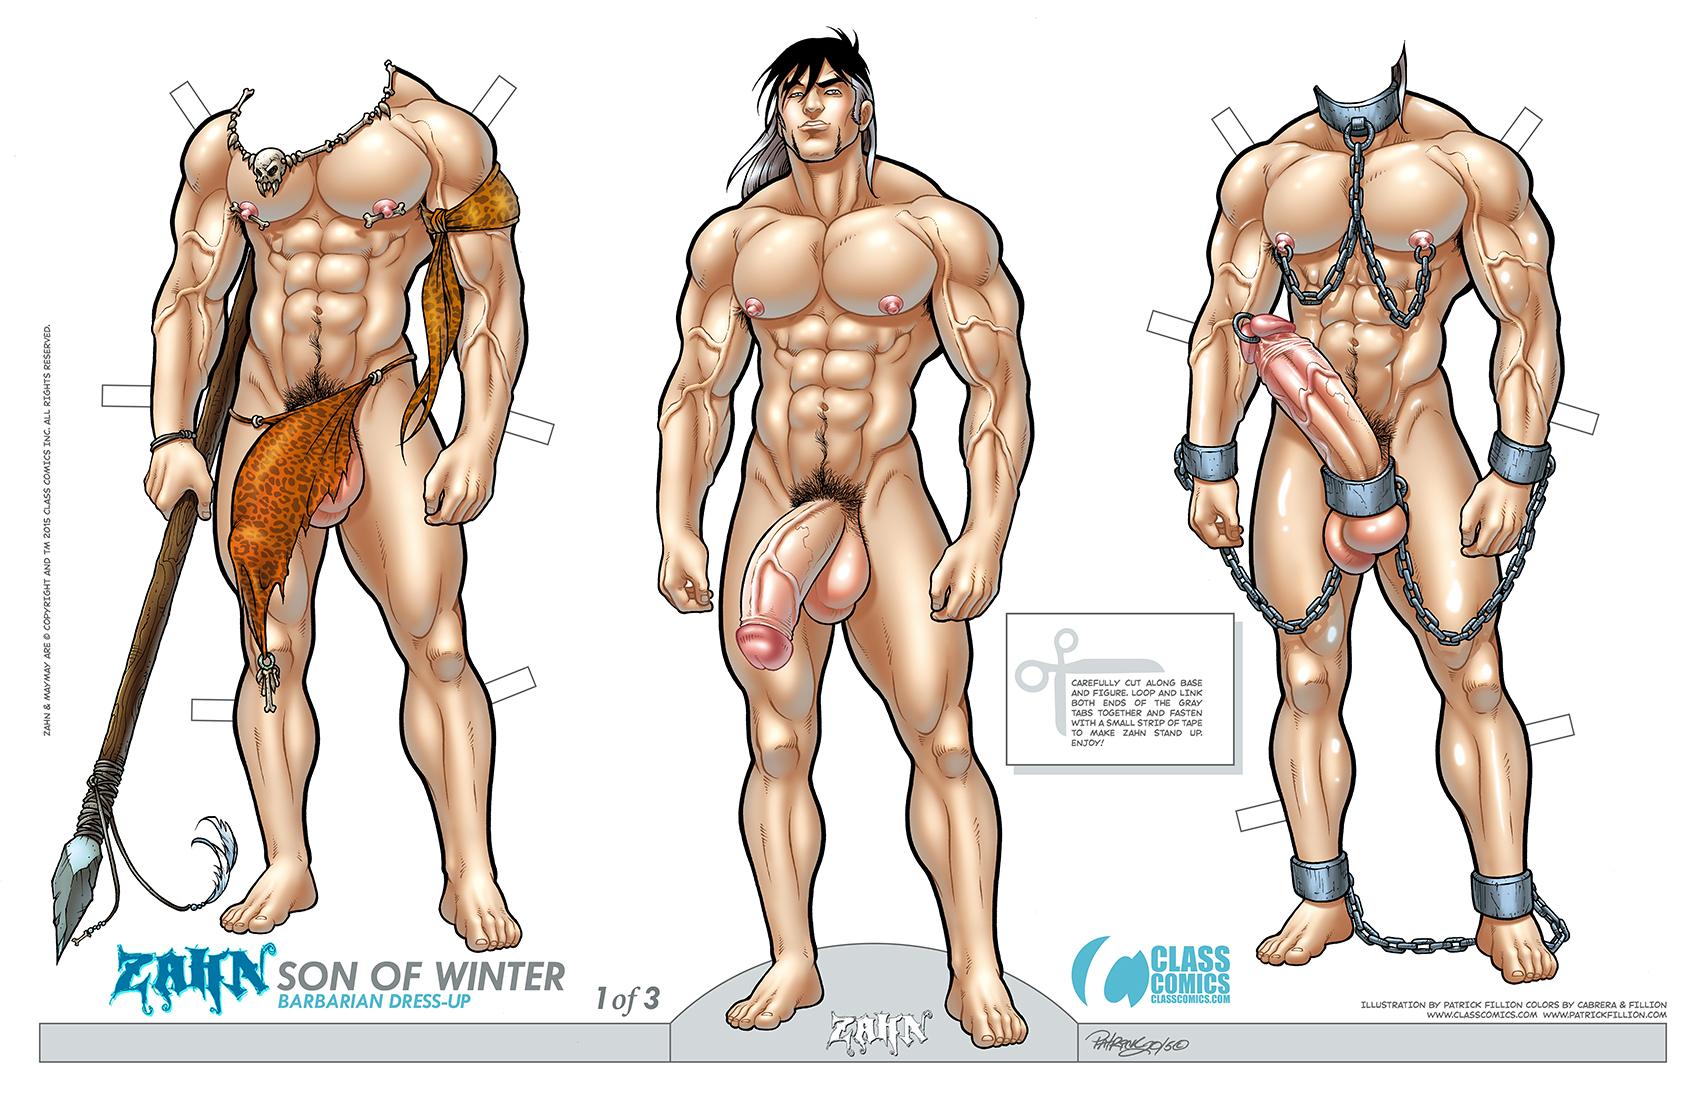 fotos de gays musculosos